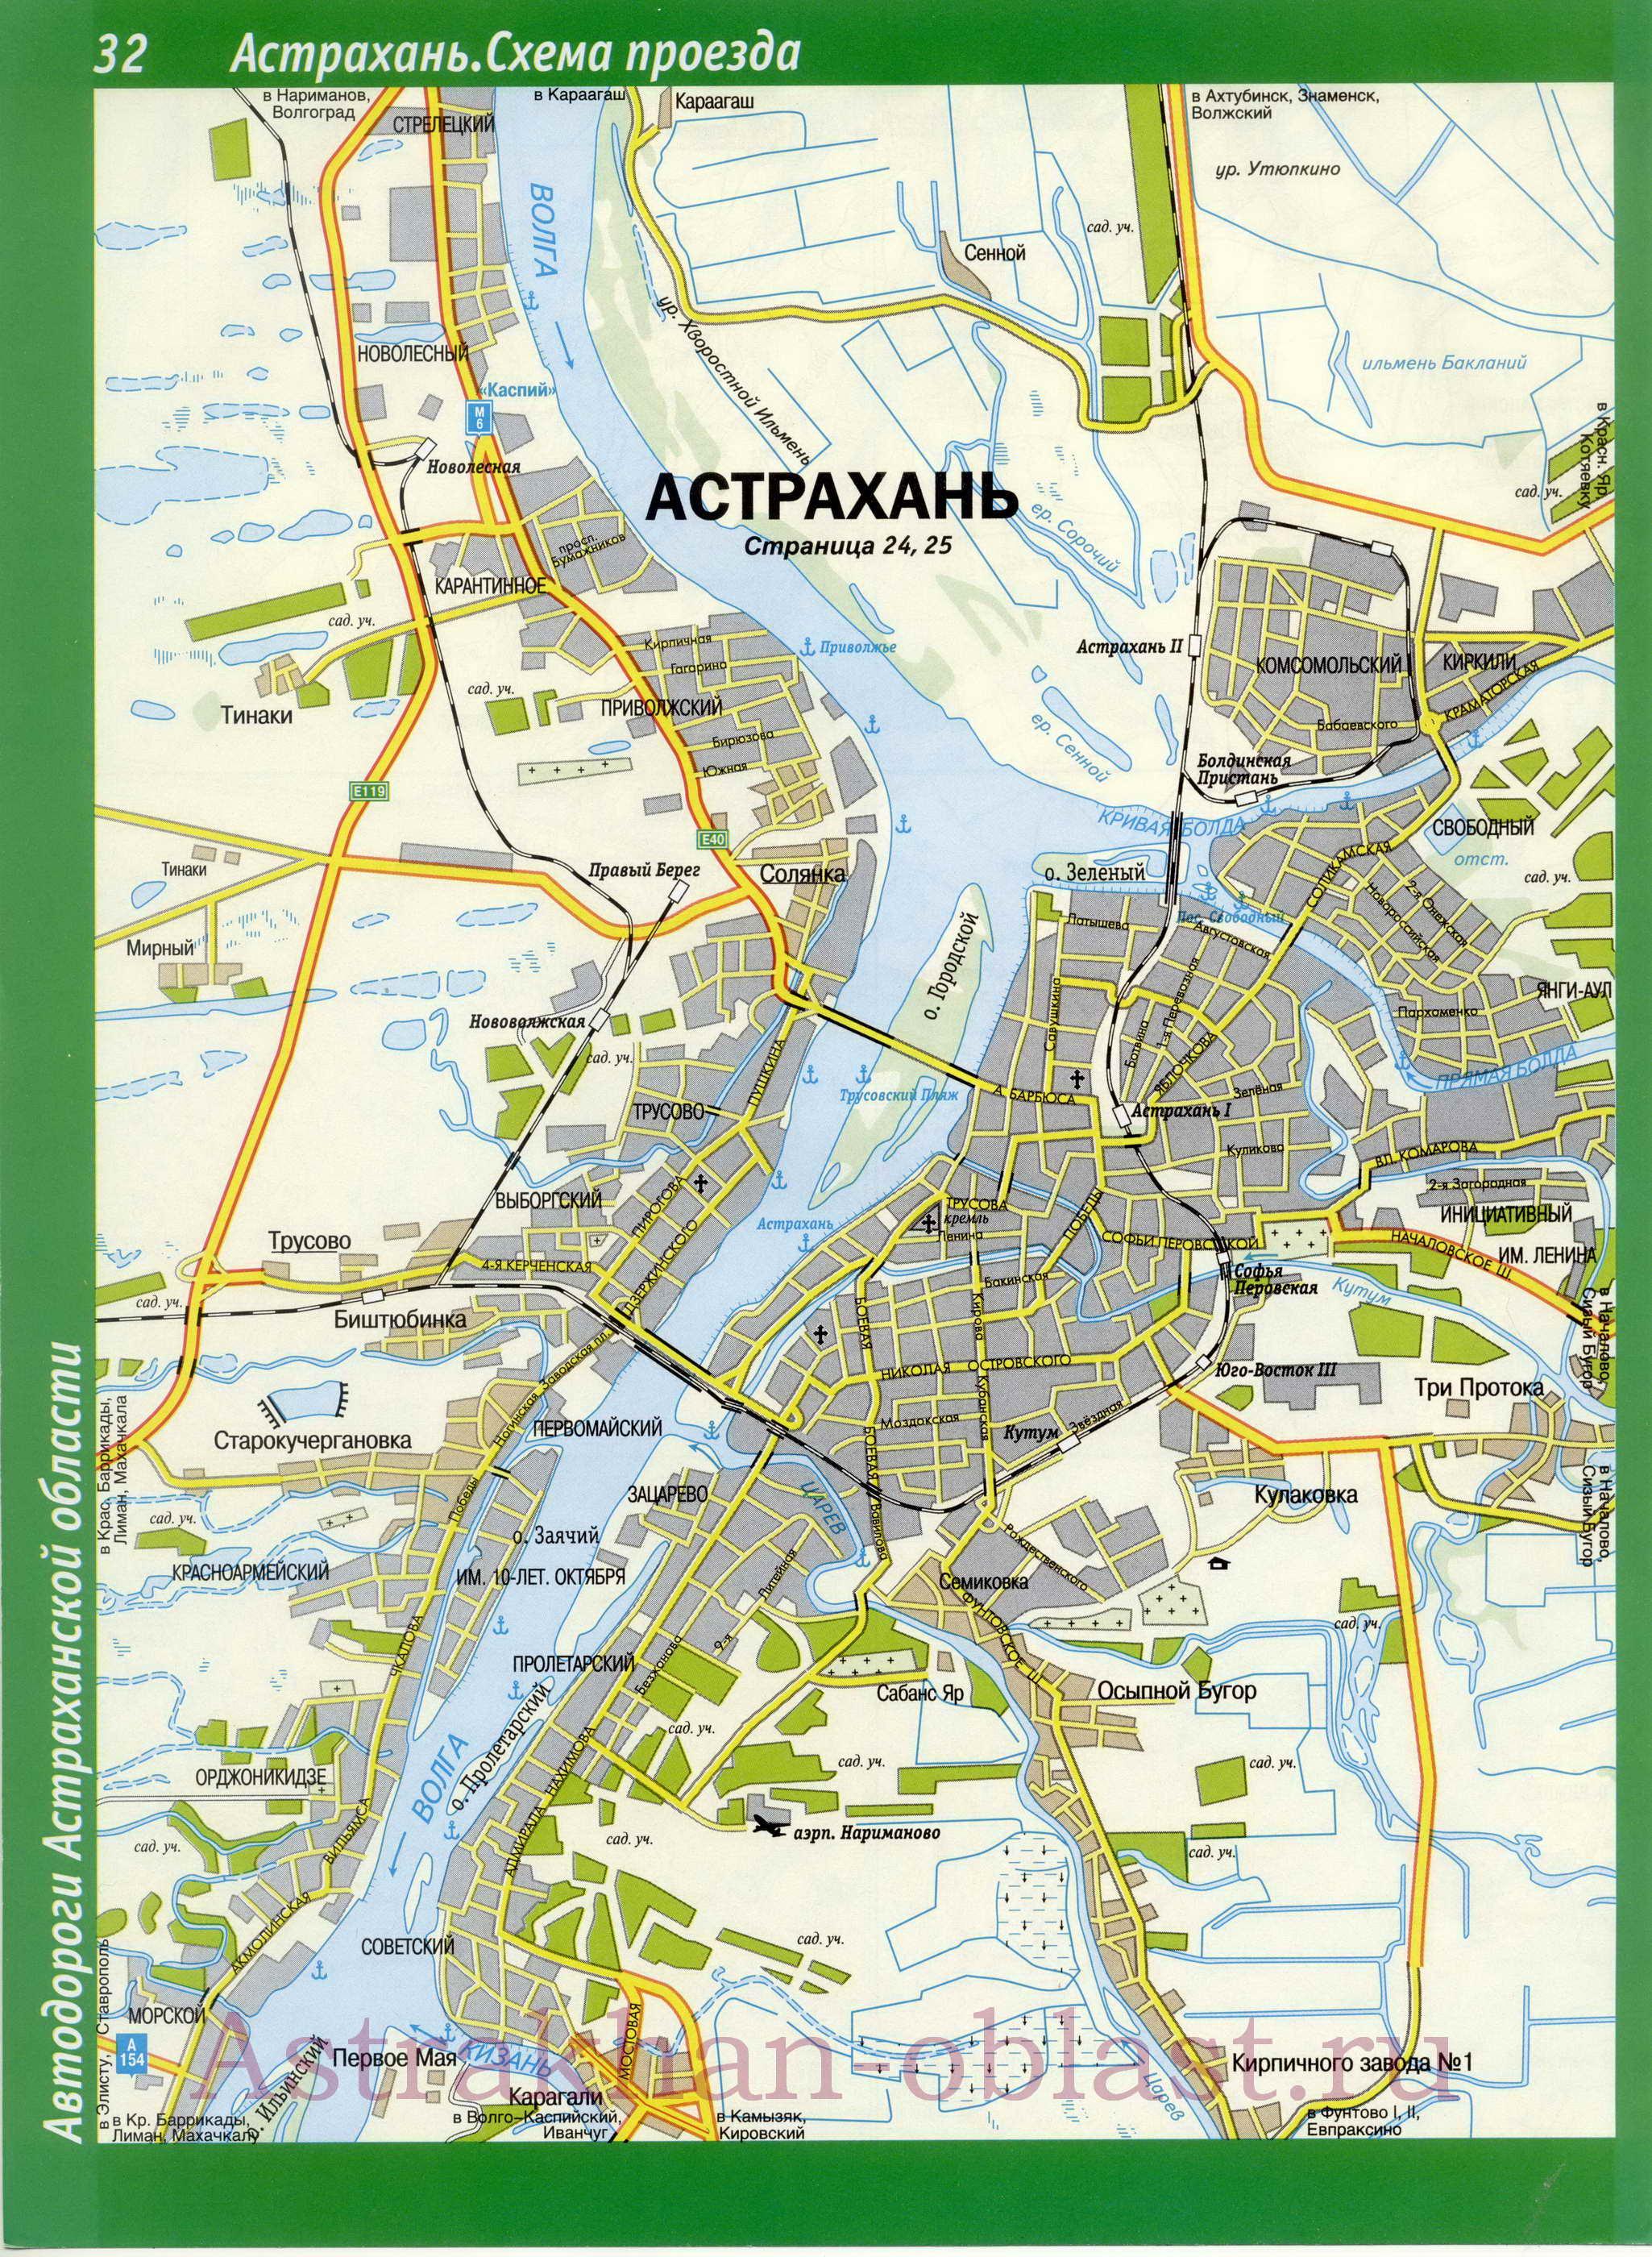 Подробная карта автомобильных дорог Астрахани.  Схема проезда через г. Астрахань.